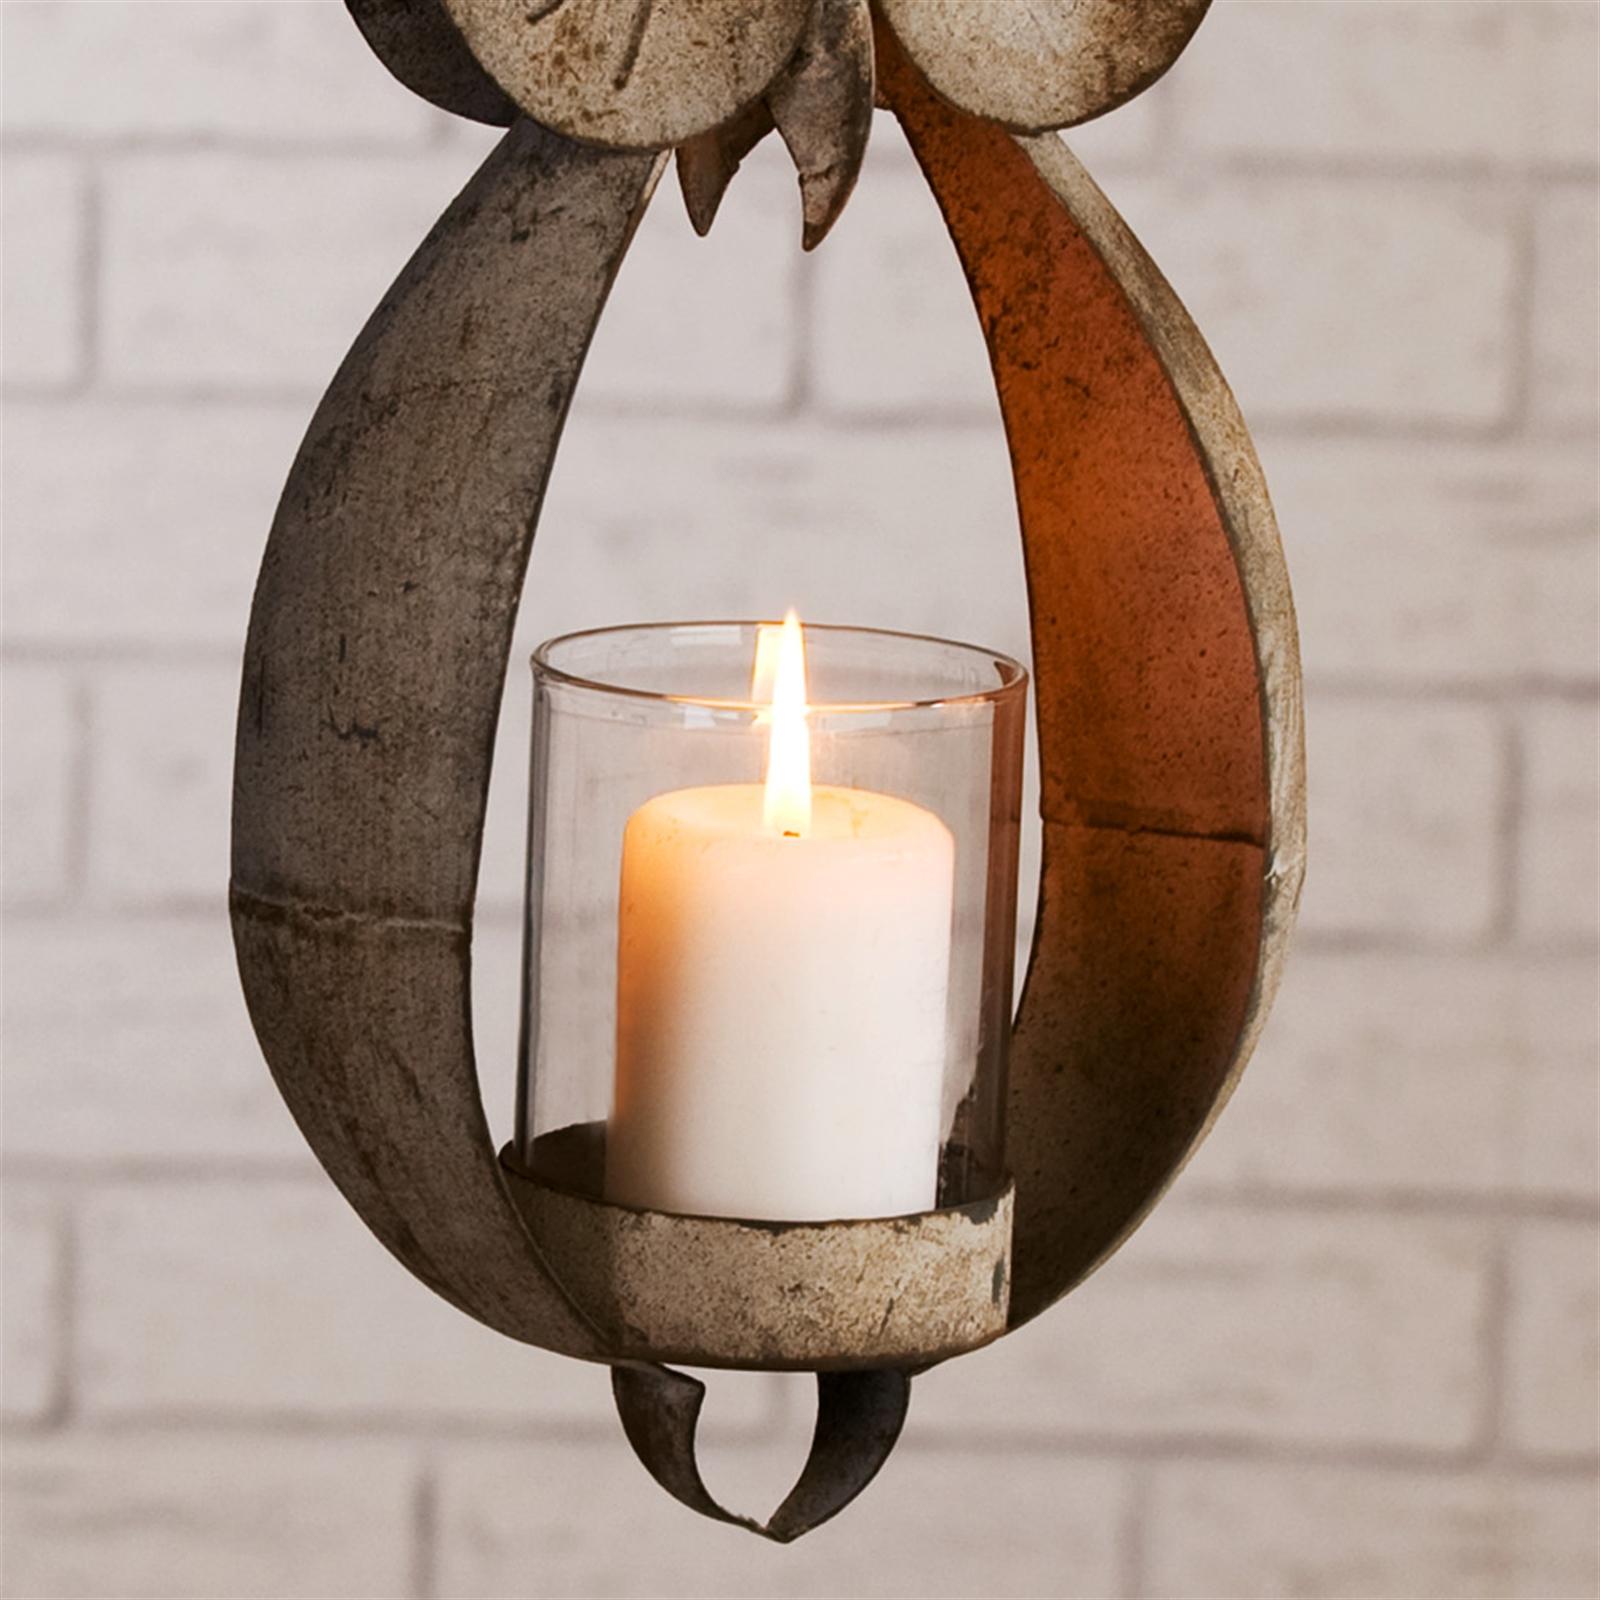 antik design windlicht laterne eule eddy metall f r teelichter zum aufh ngen ebay. Black Bedroom Furniture Sets. Home Design Ideas